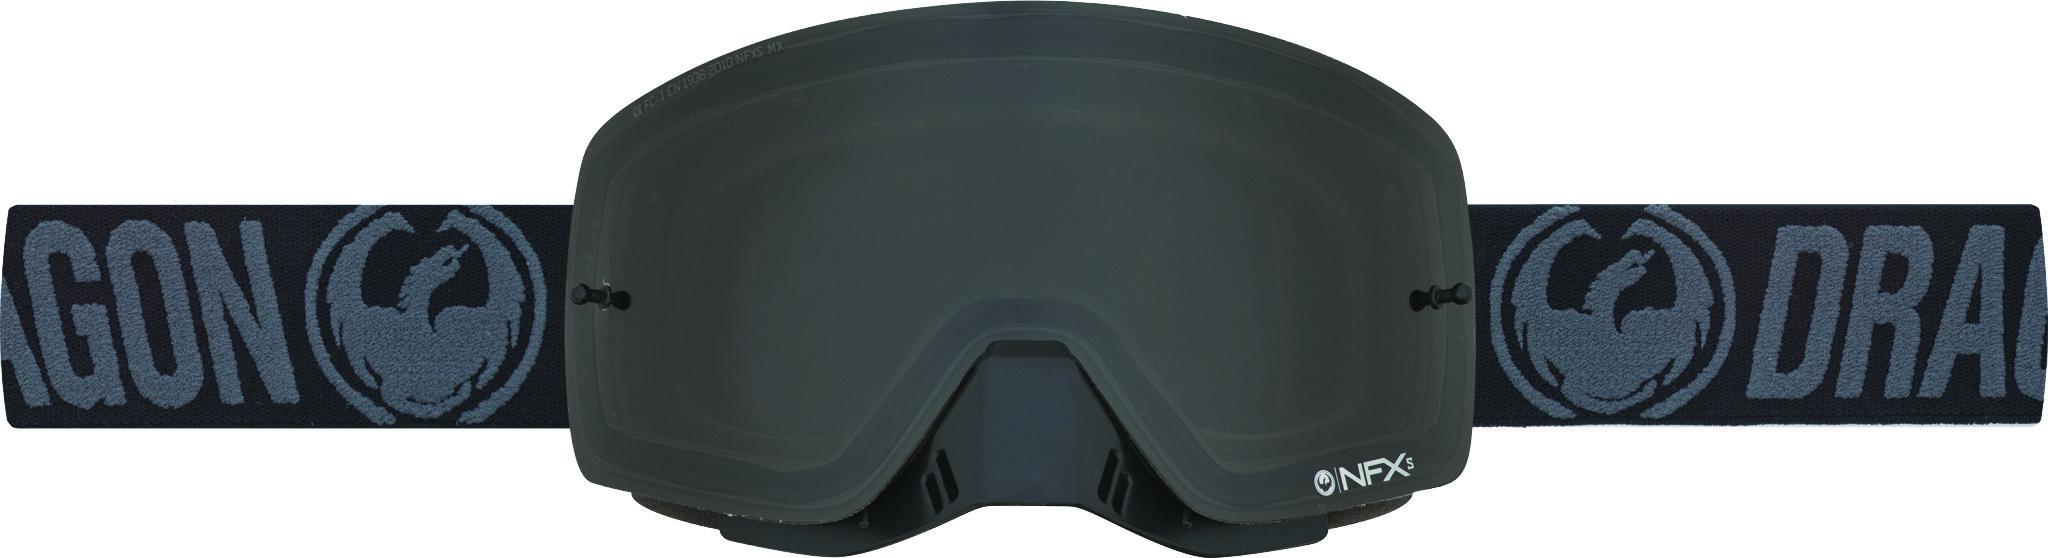 Nfxs Goggle Black W/Smoke Lens